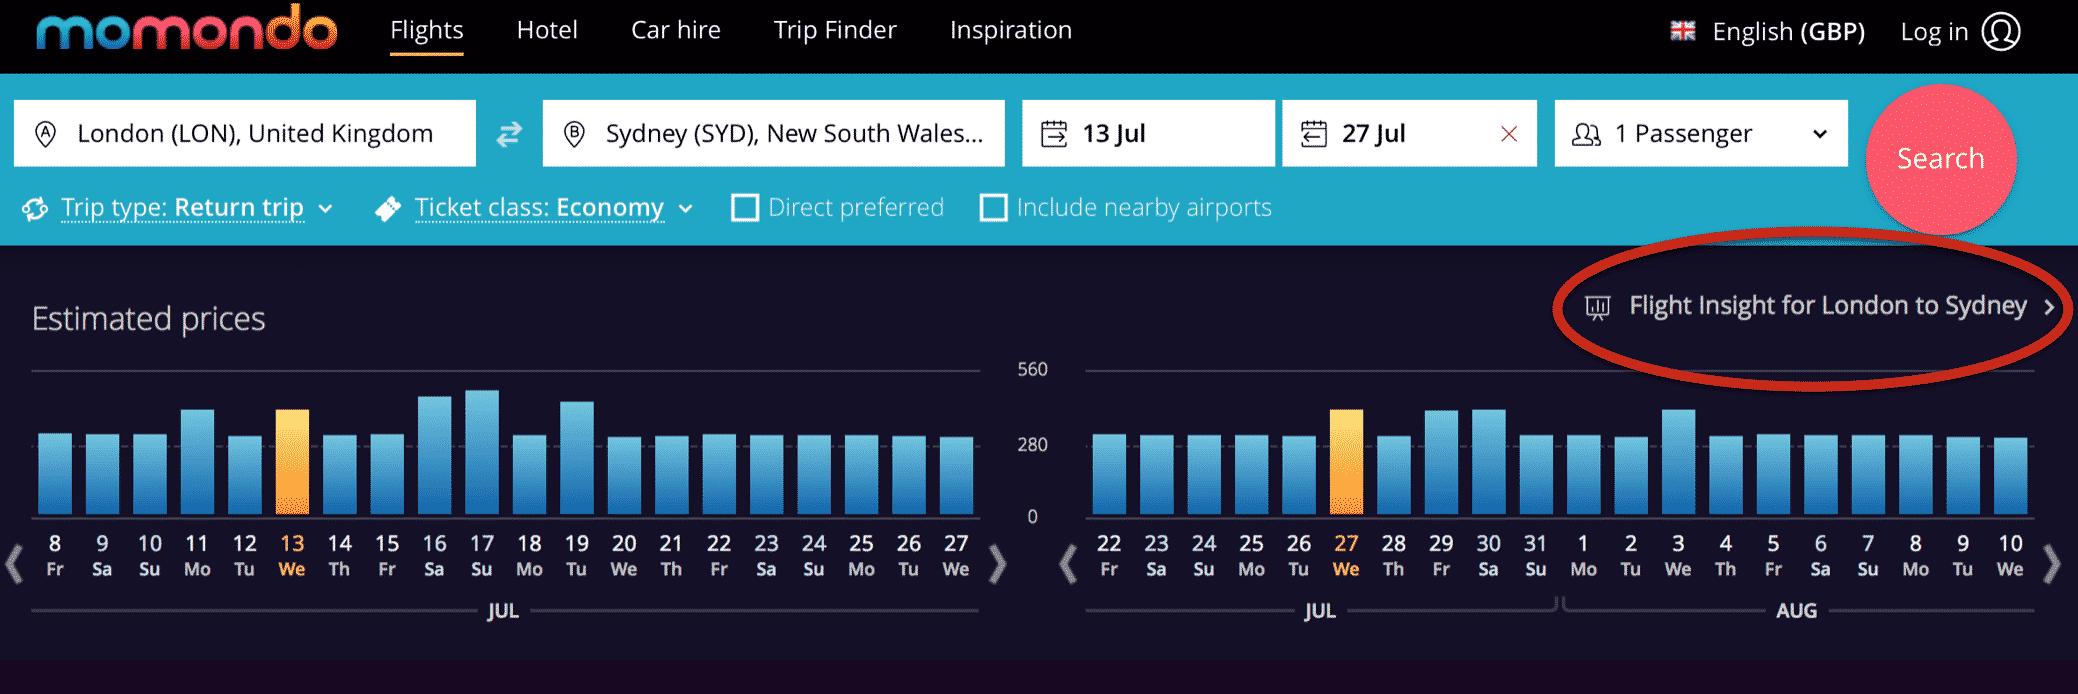 flight insight data